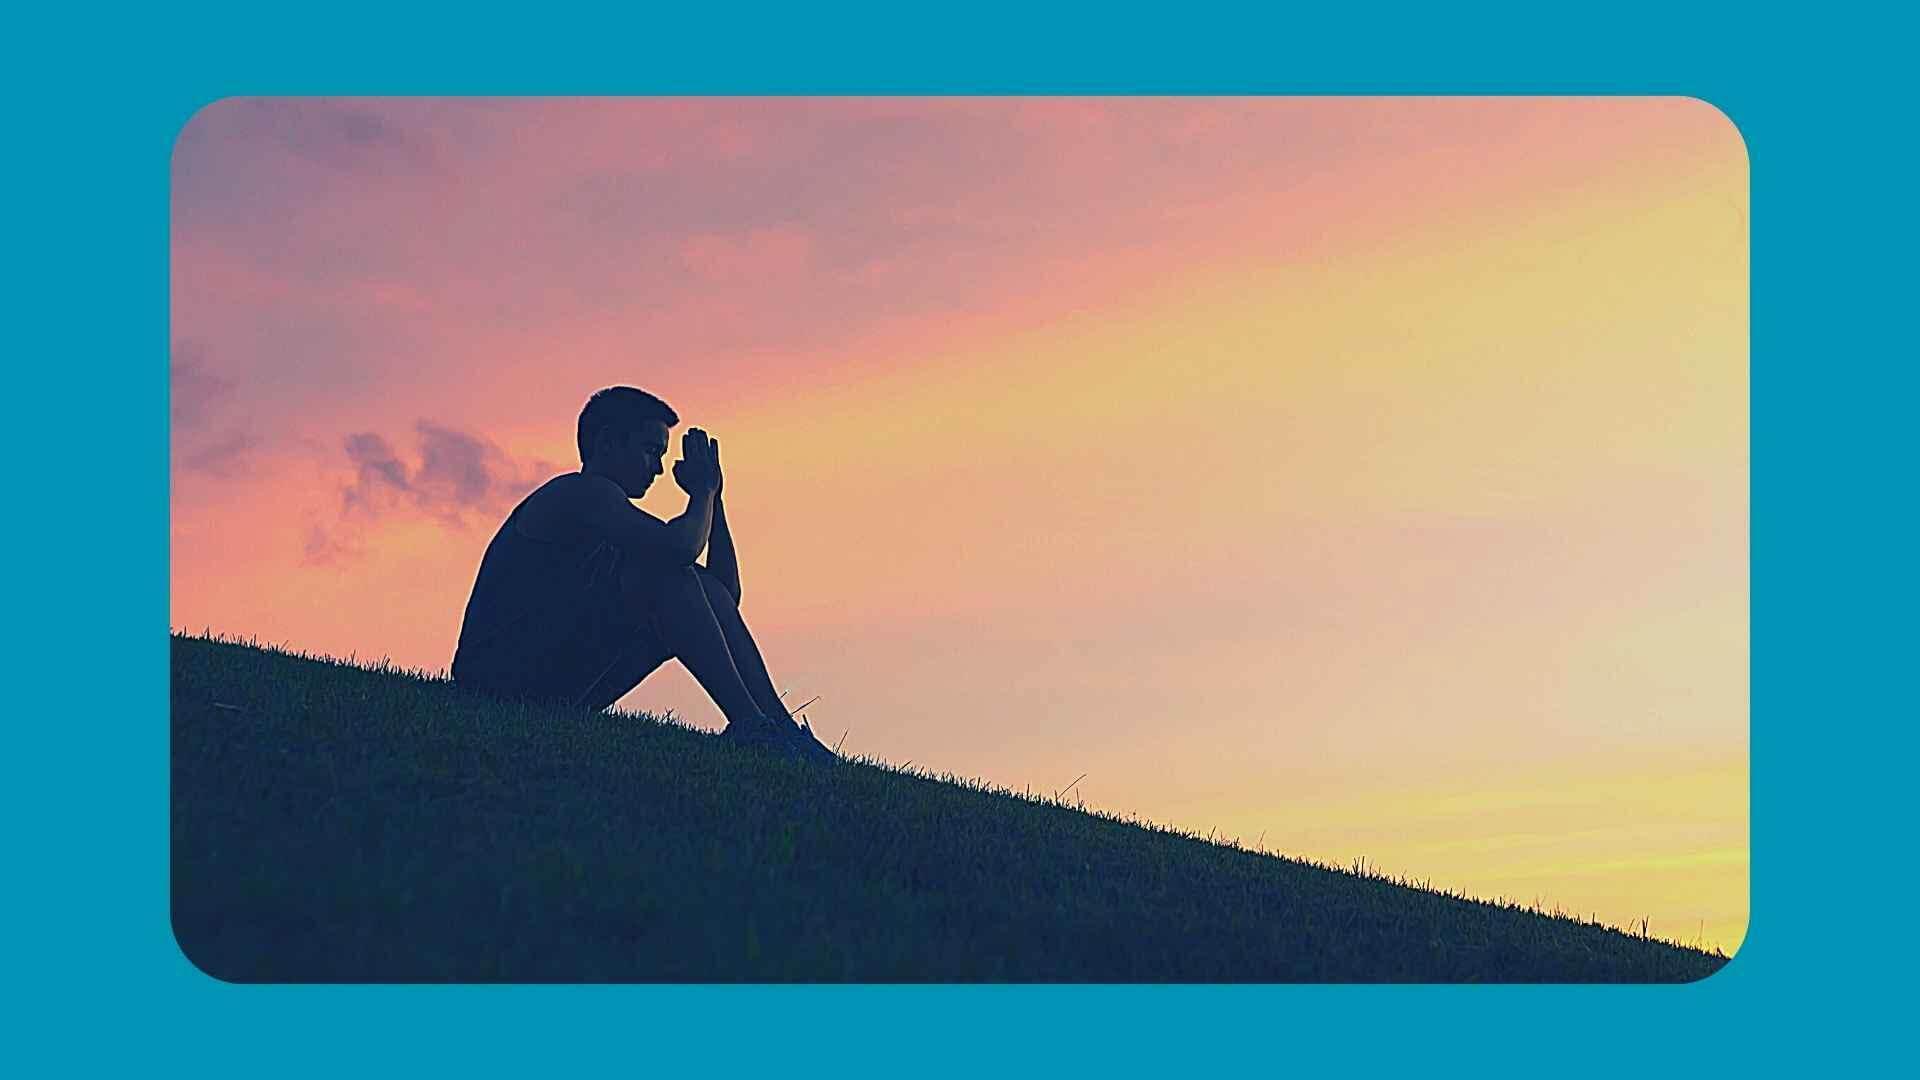 Bescheidenheit und Demut verlorene Tugenden?